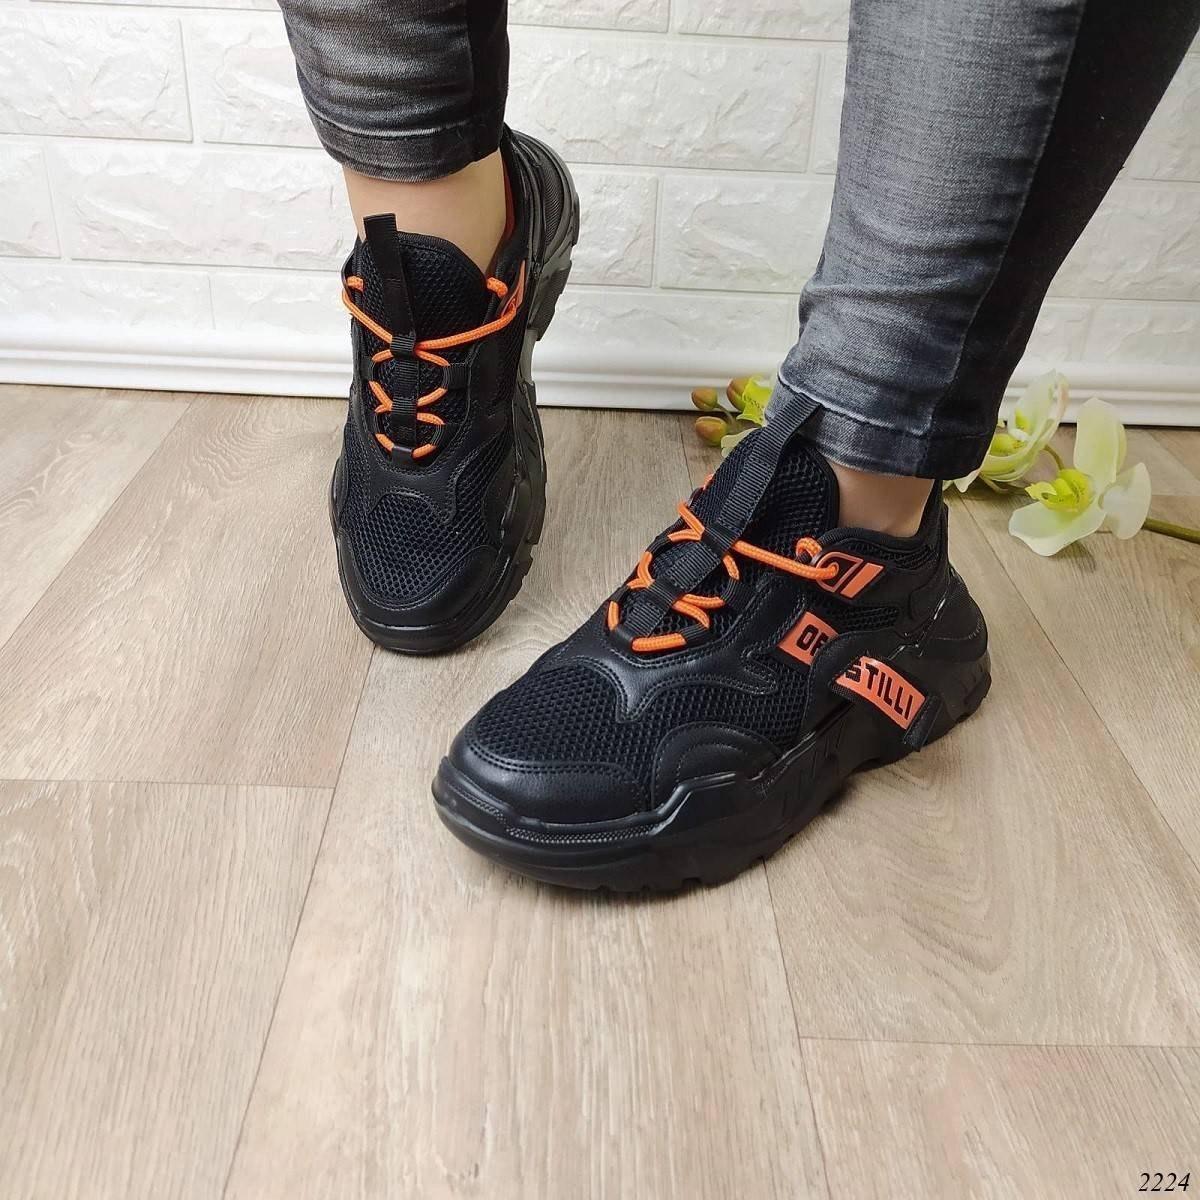 Кросівки жіночі Колір: чорний+оранжевий Код: 2224